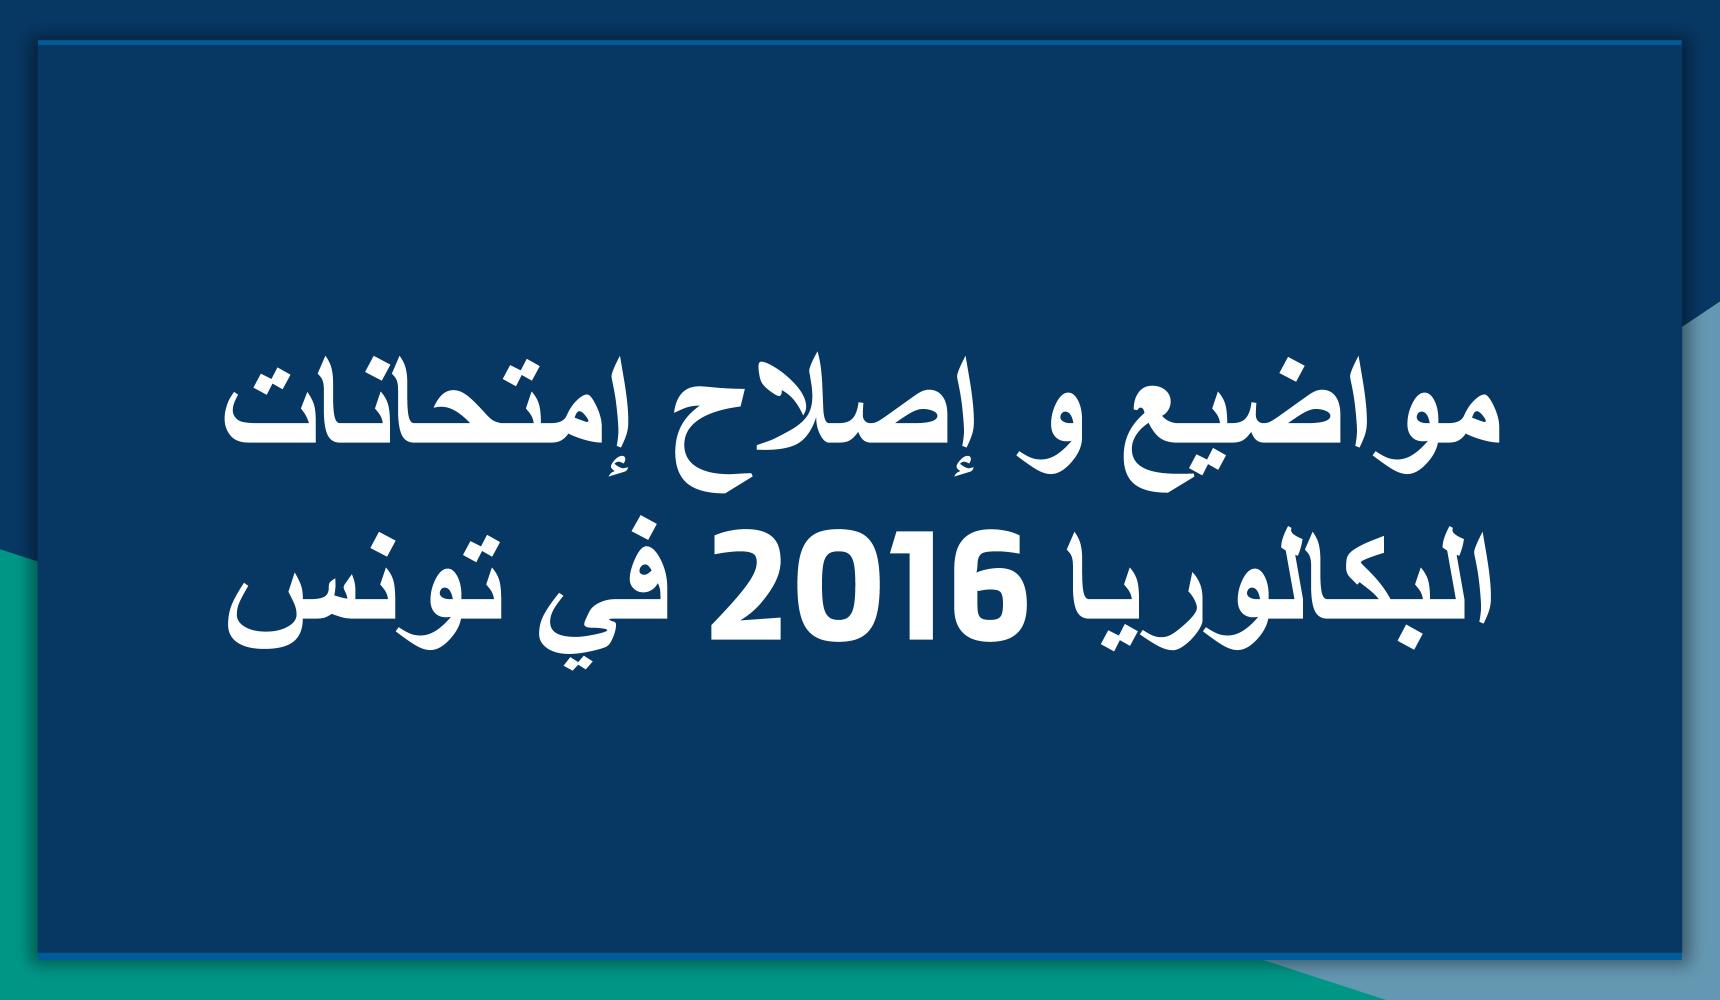 مواضيع واصلاح امتحانات البكالوريا 2016 في تونس